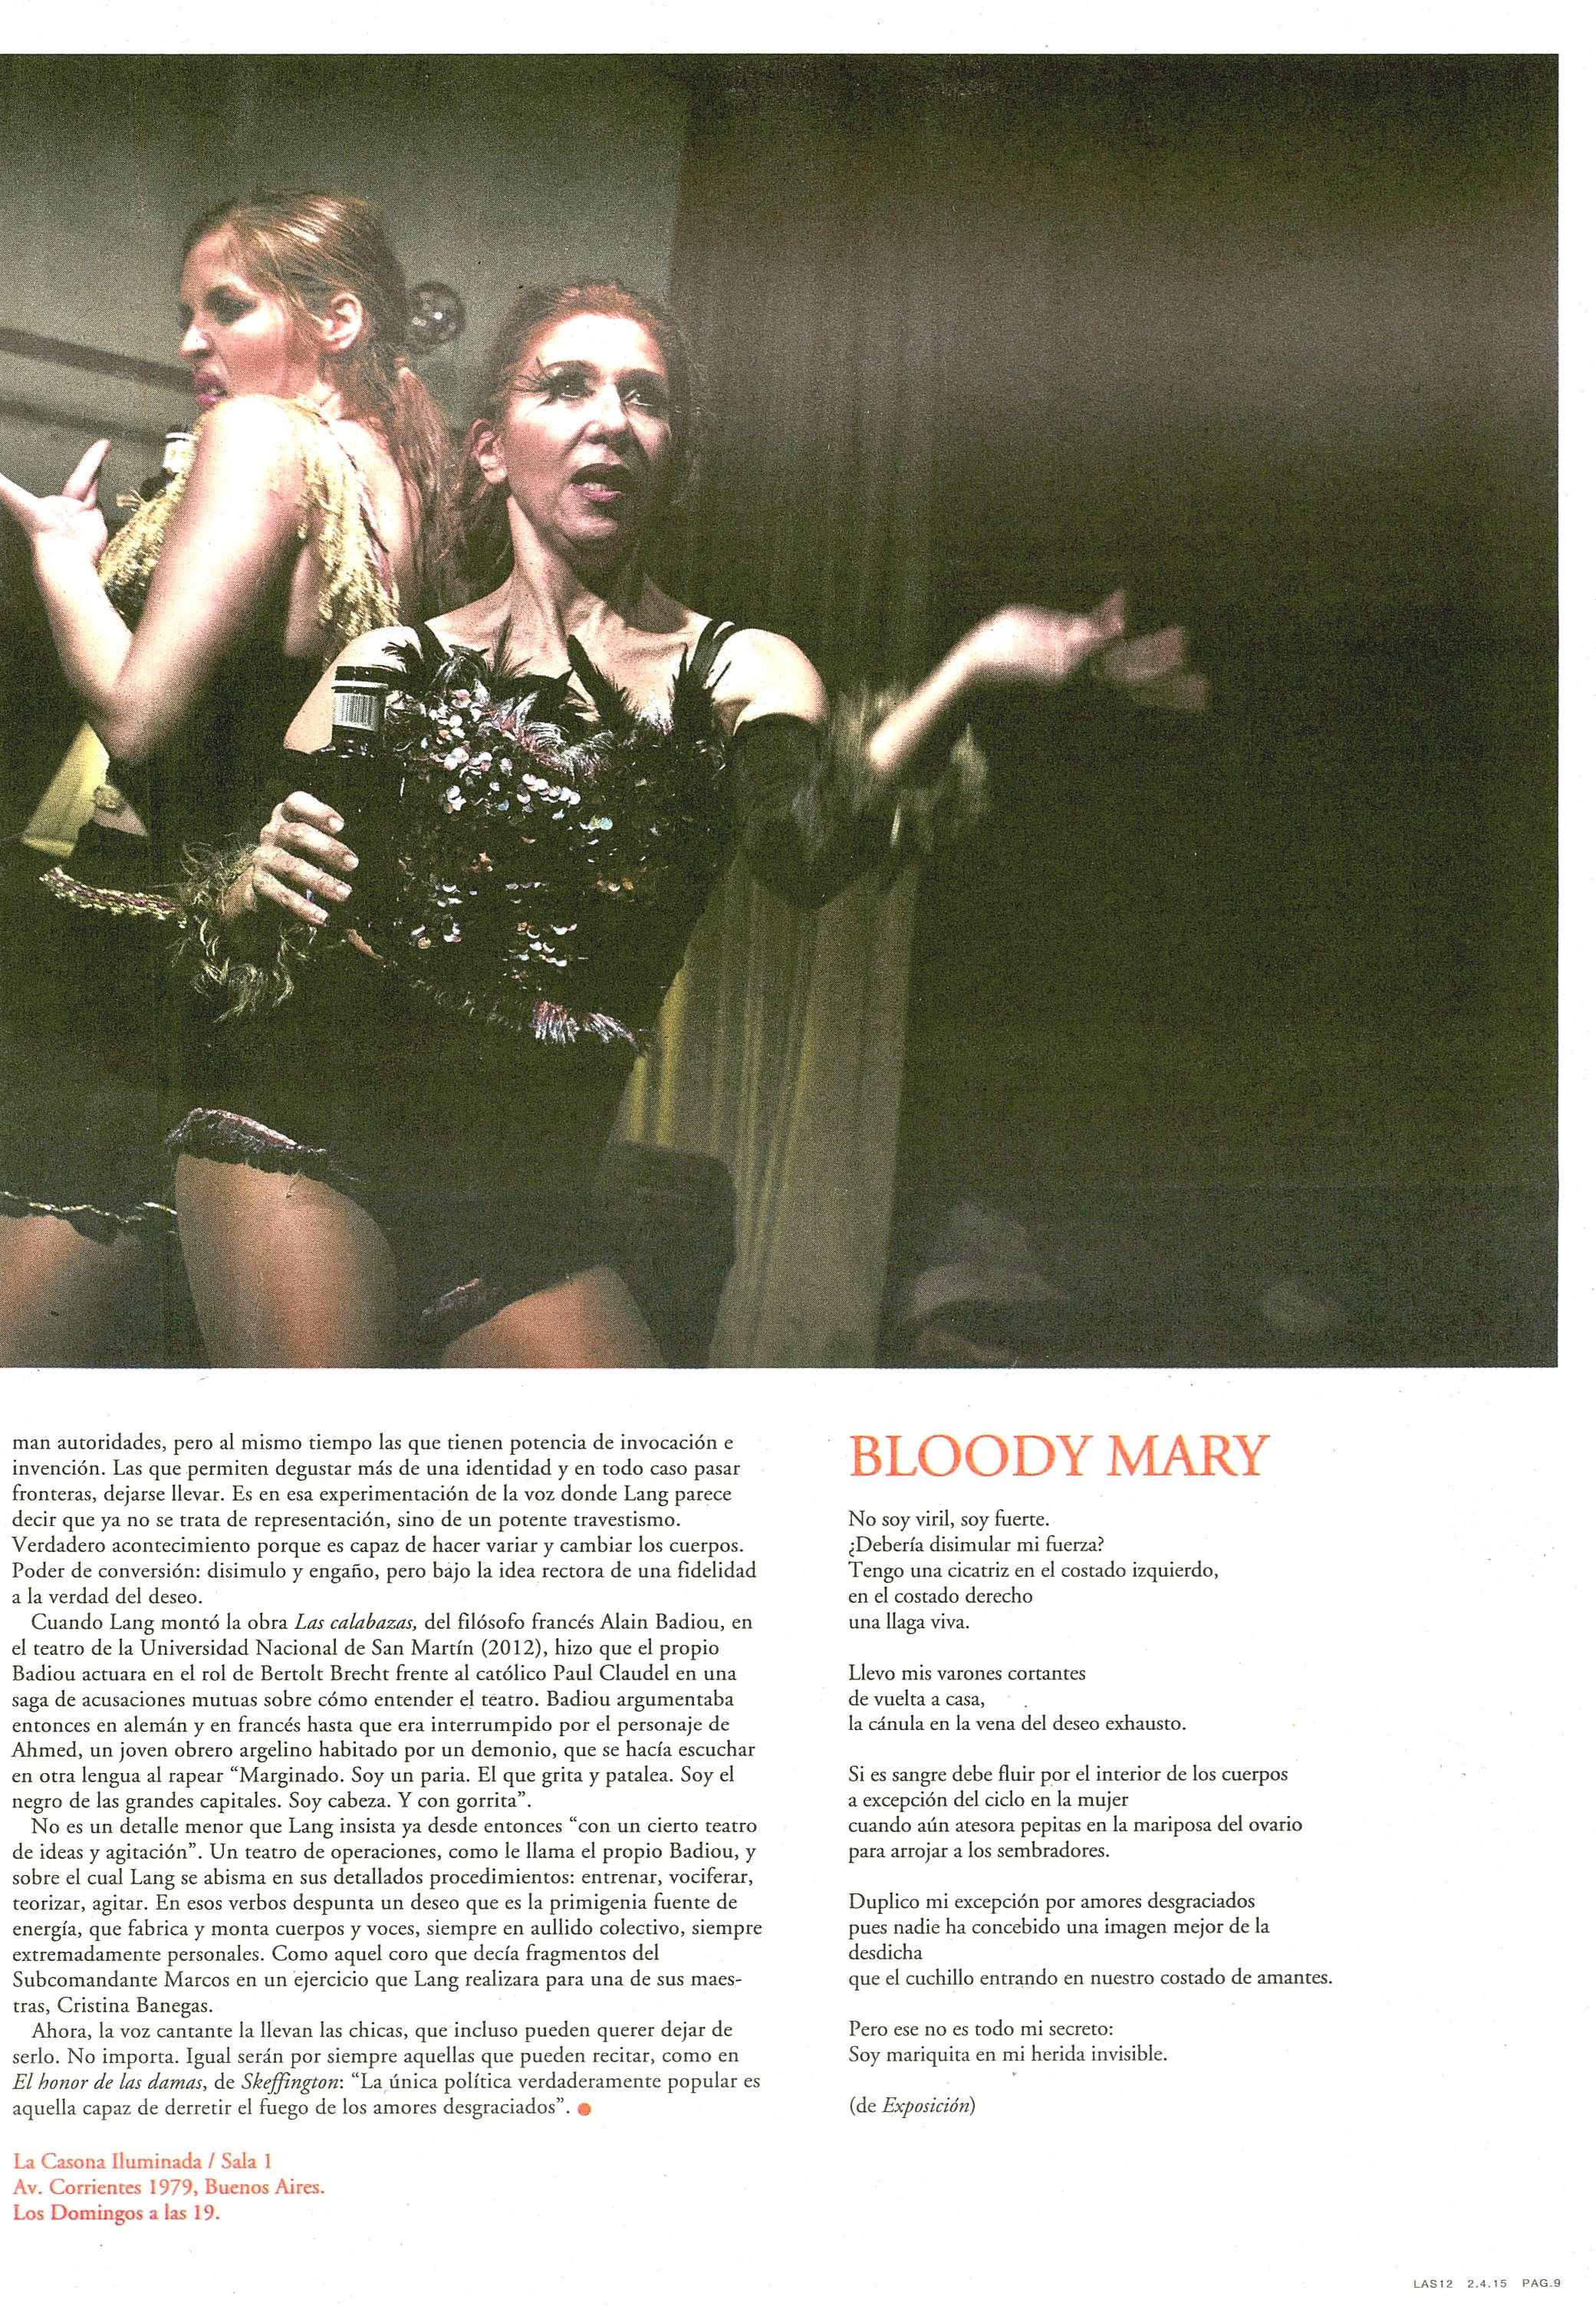 PAGINA 12, 2 DE ABR. 2